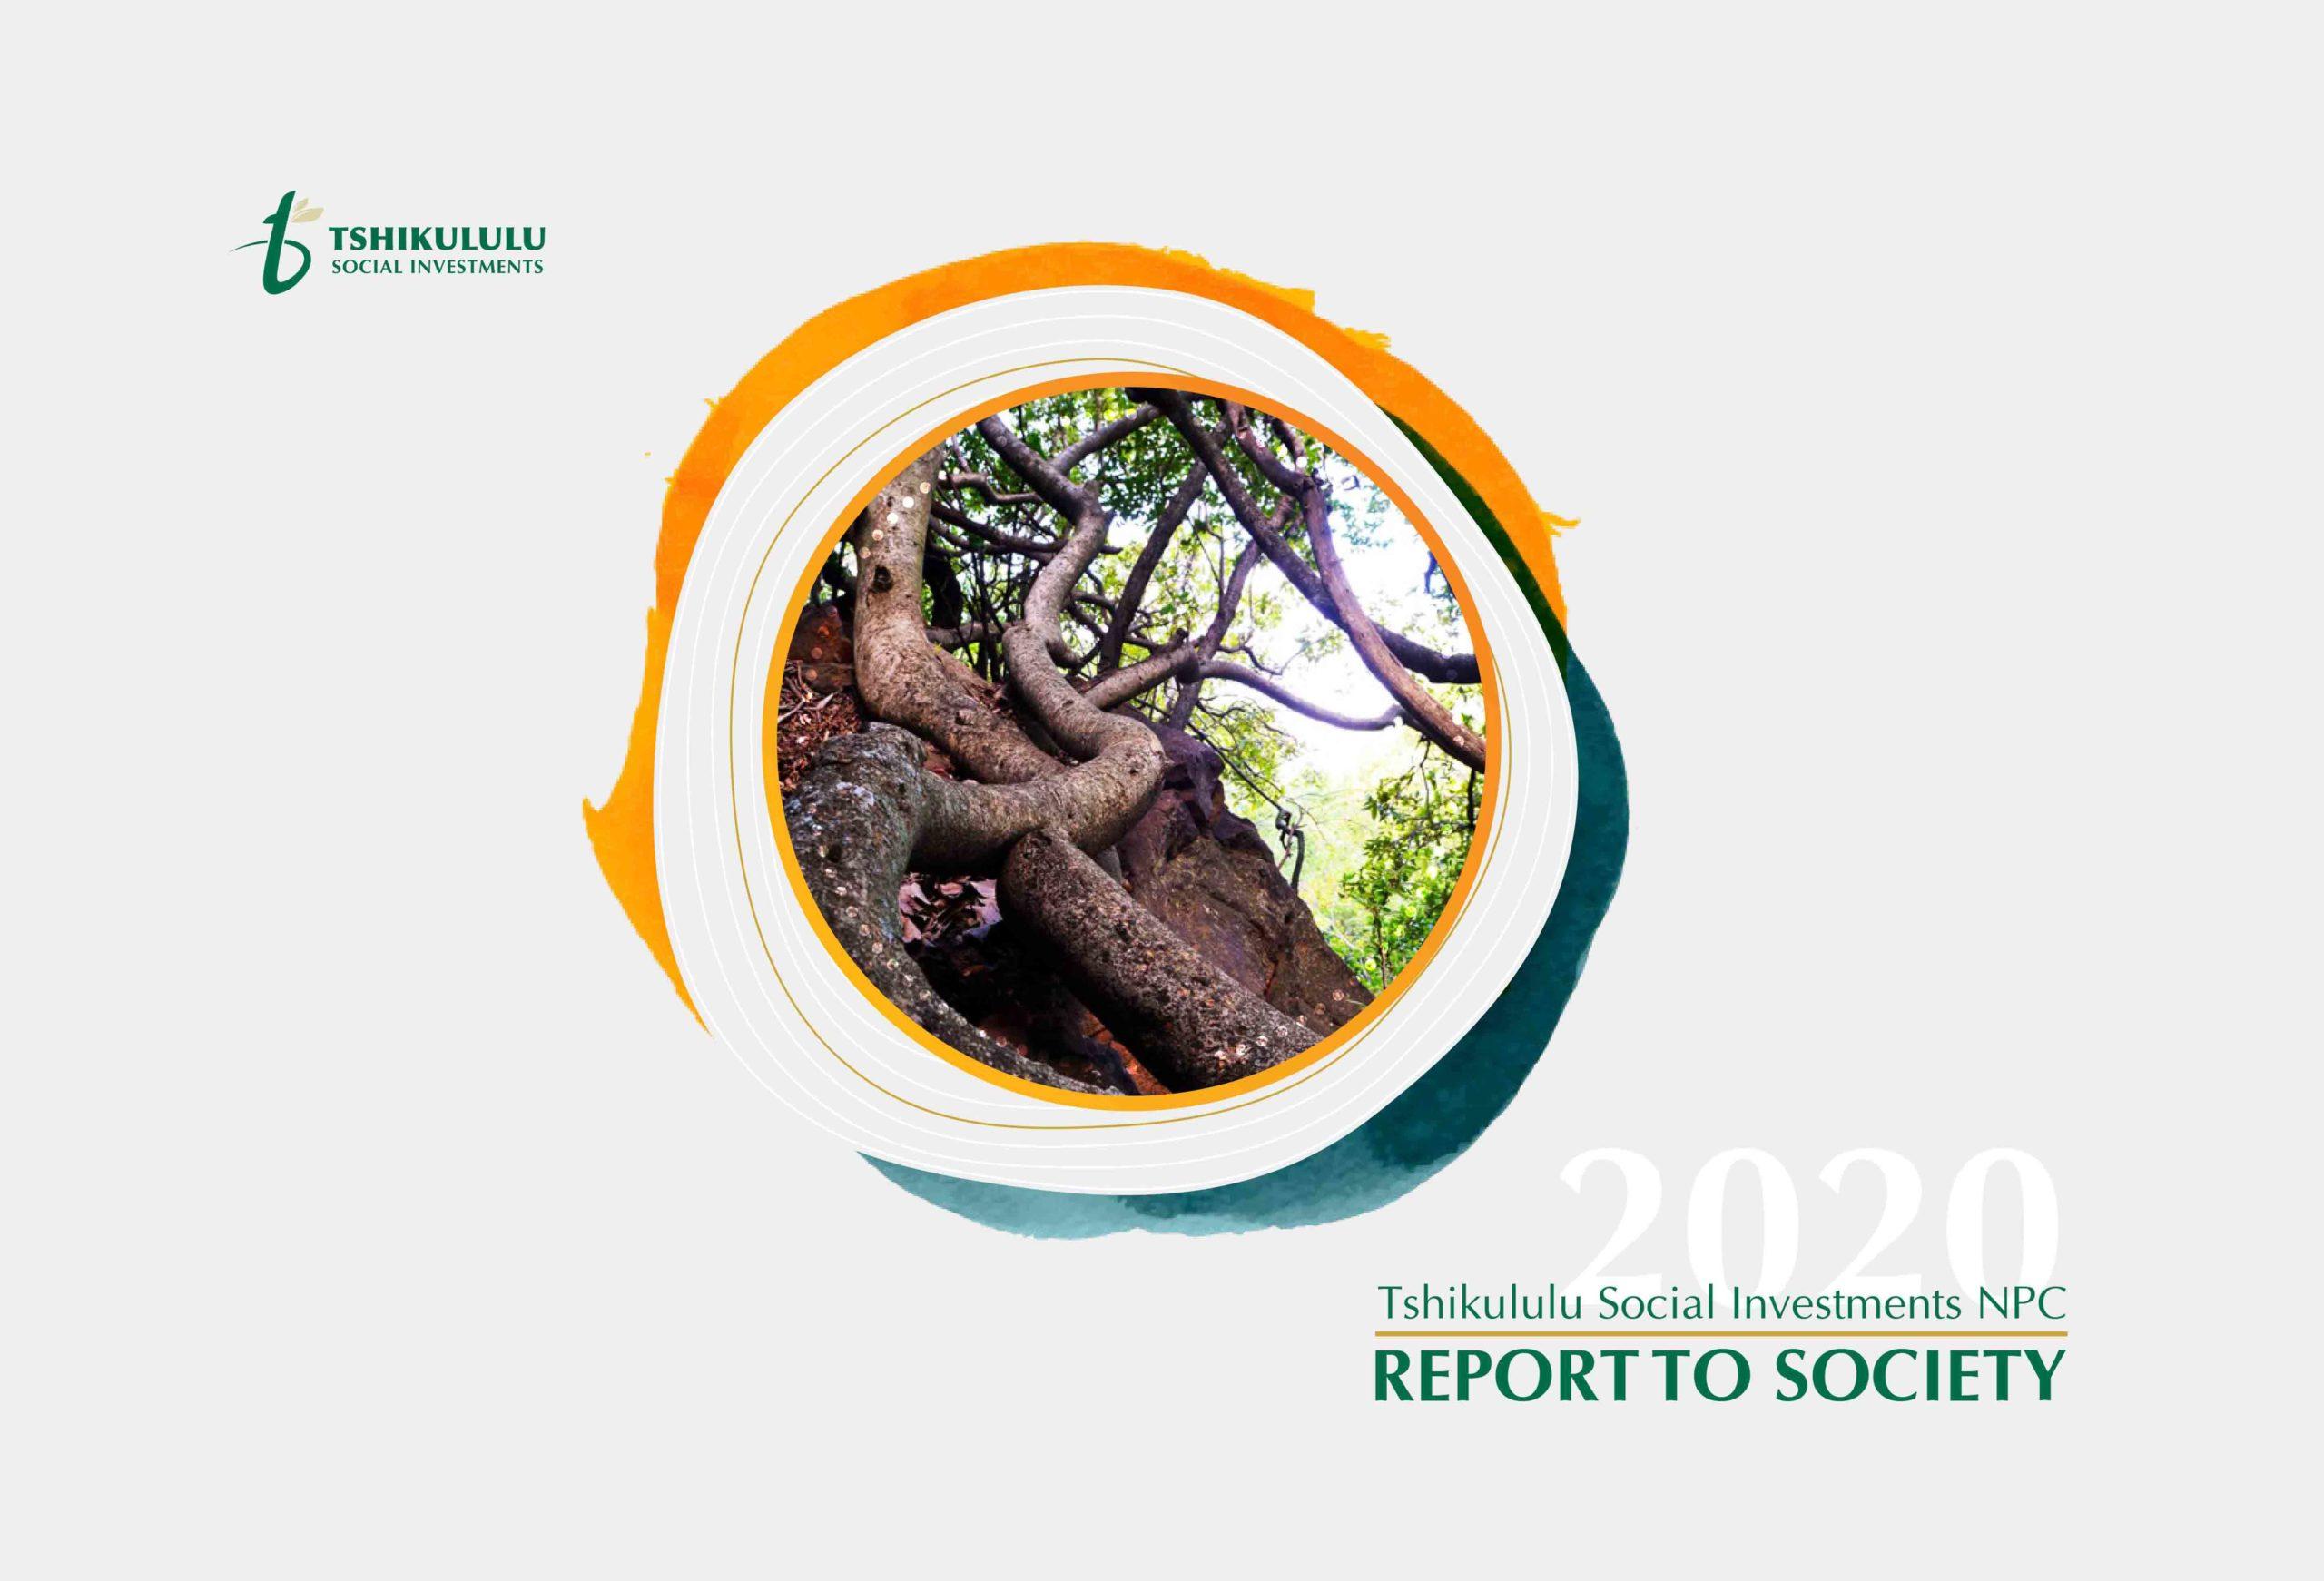 Tshikululu_Report to Society 2021 v9-1